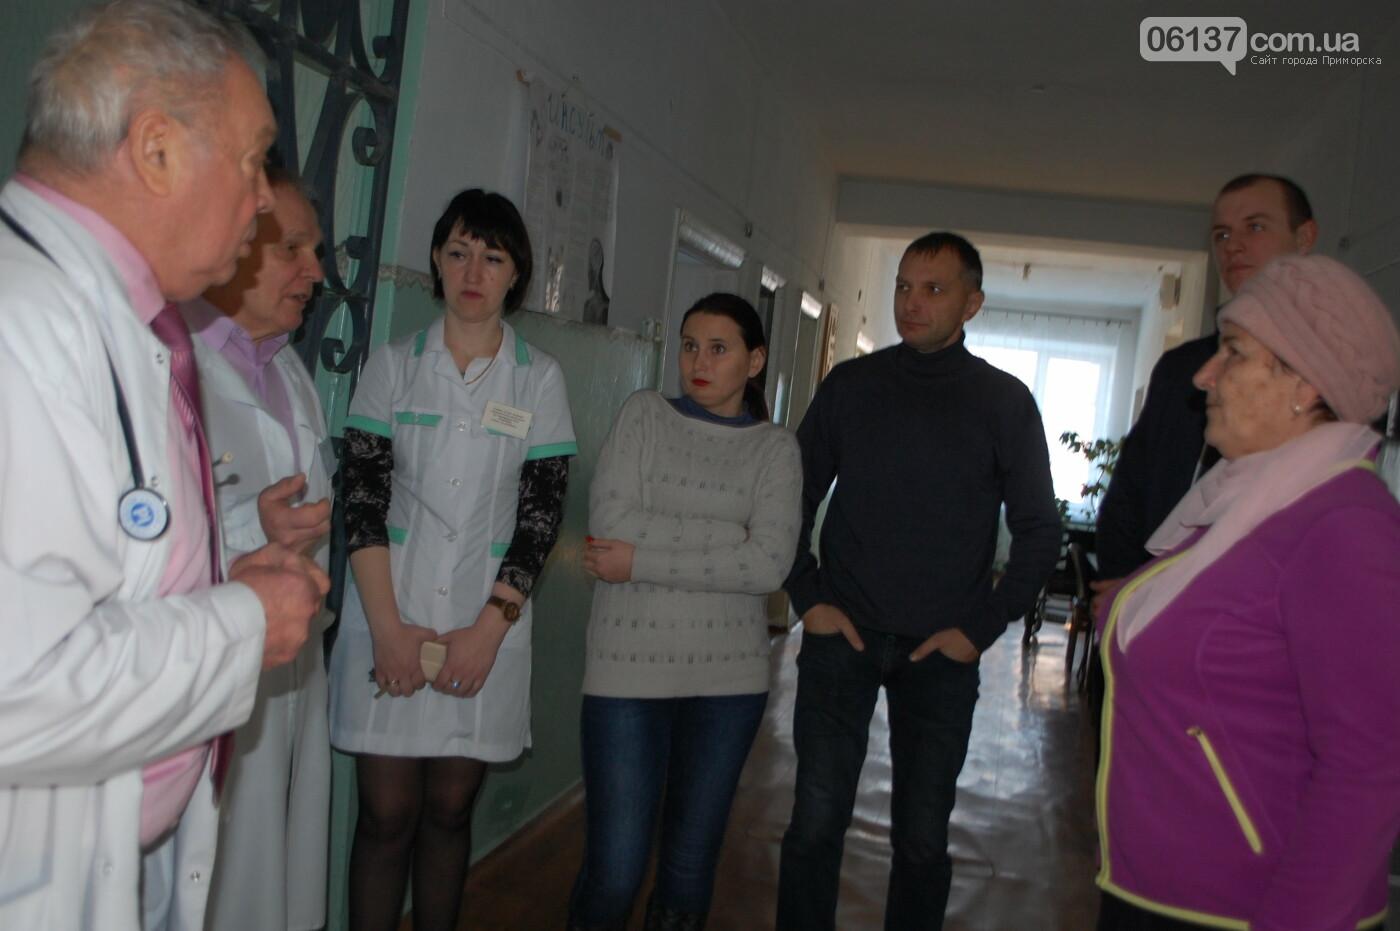 За дитину, якій не надали медичну допомогу заступилися активісти Приморська, фото-6